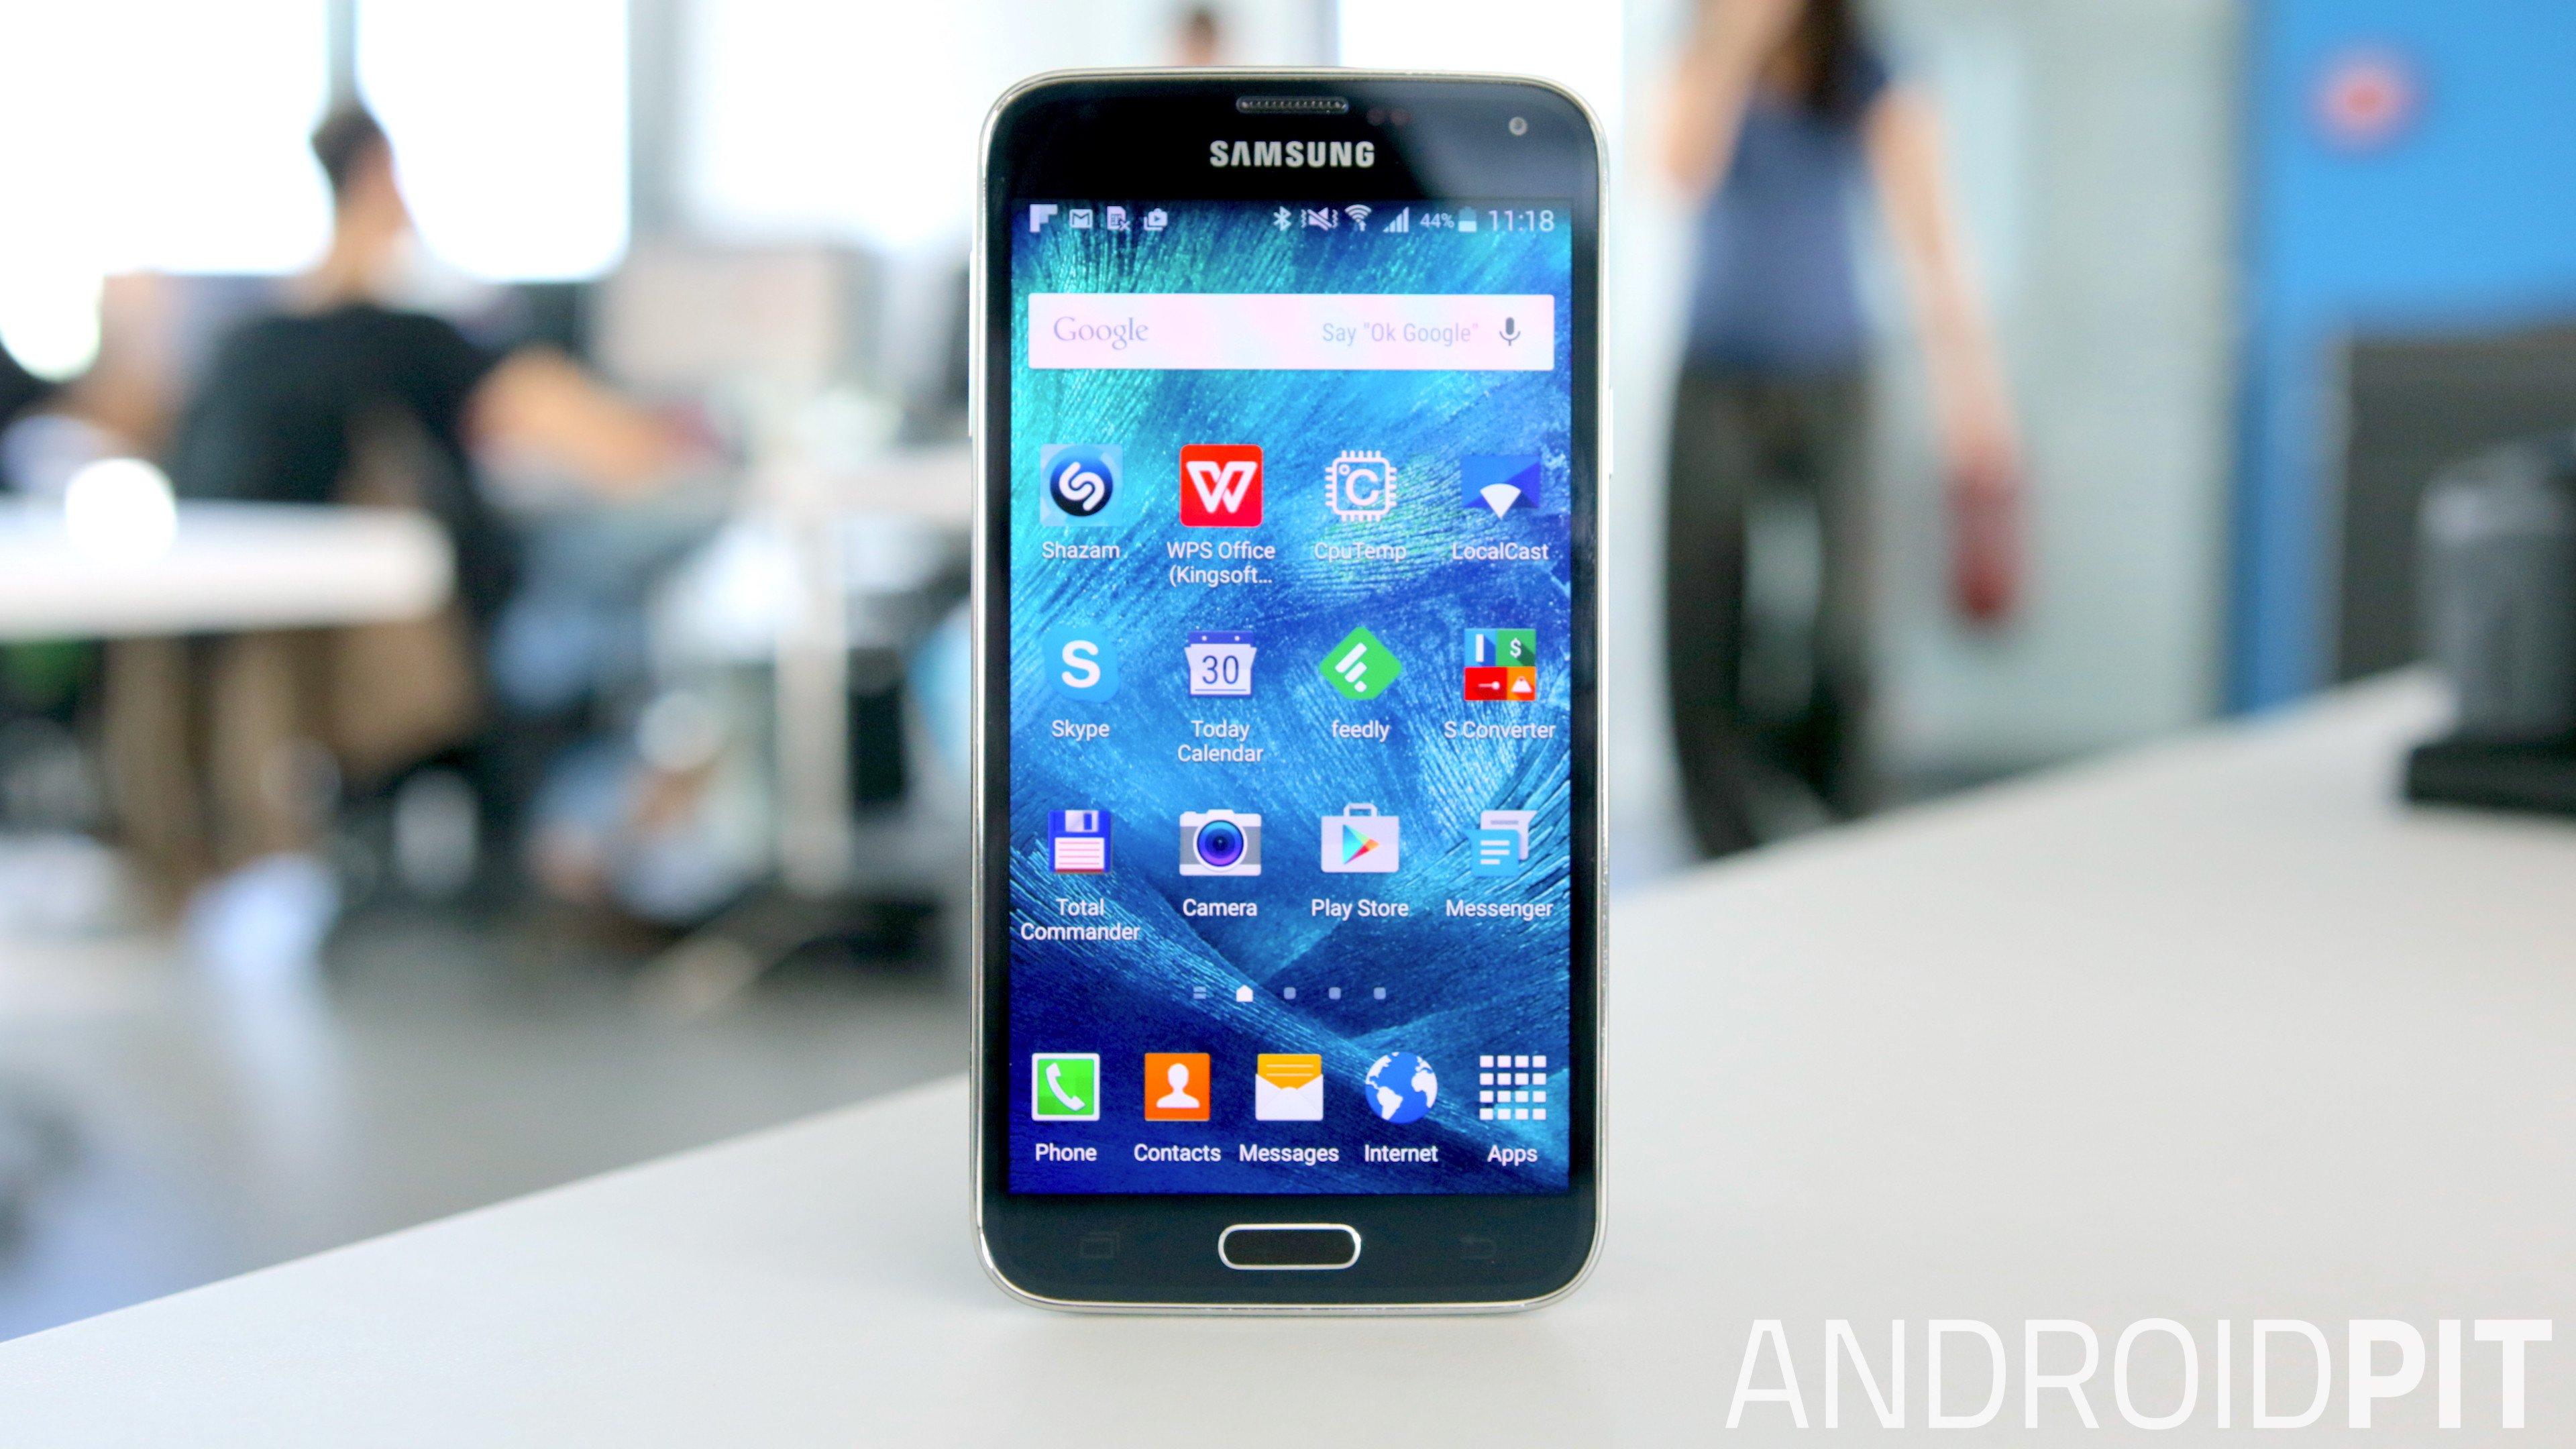 Samsung Galaxy S5 Neo — Keine SMS mehr empfangen | AndroidPIT